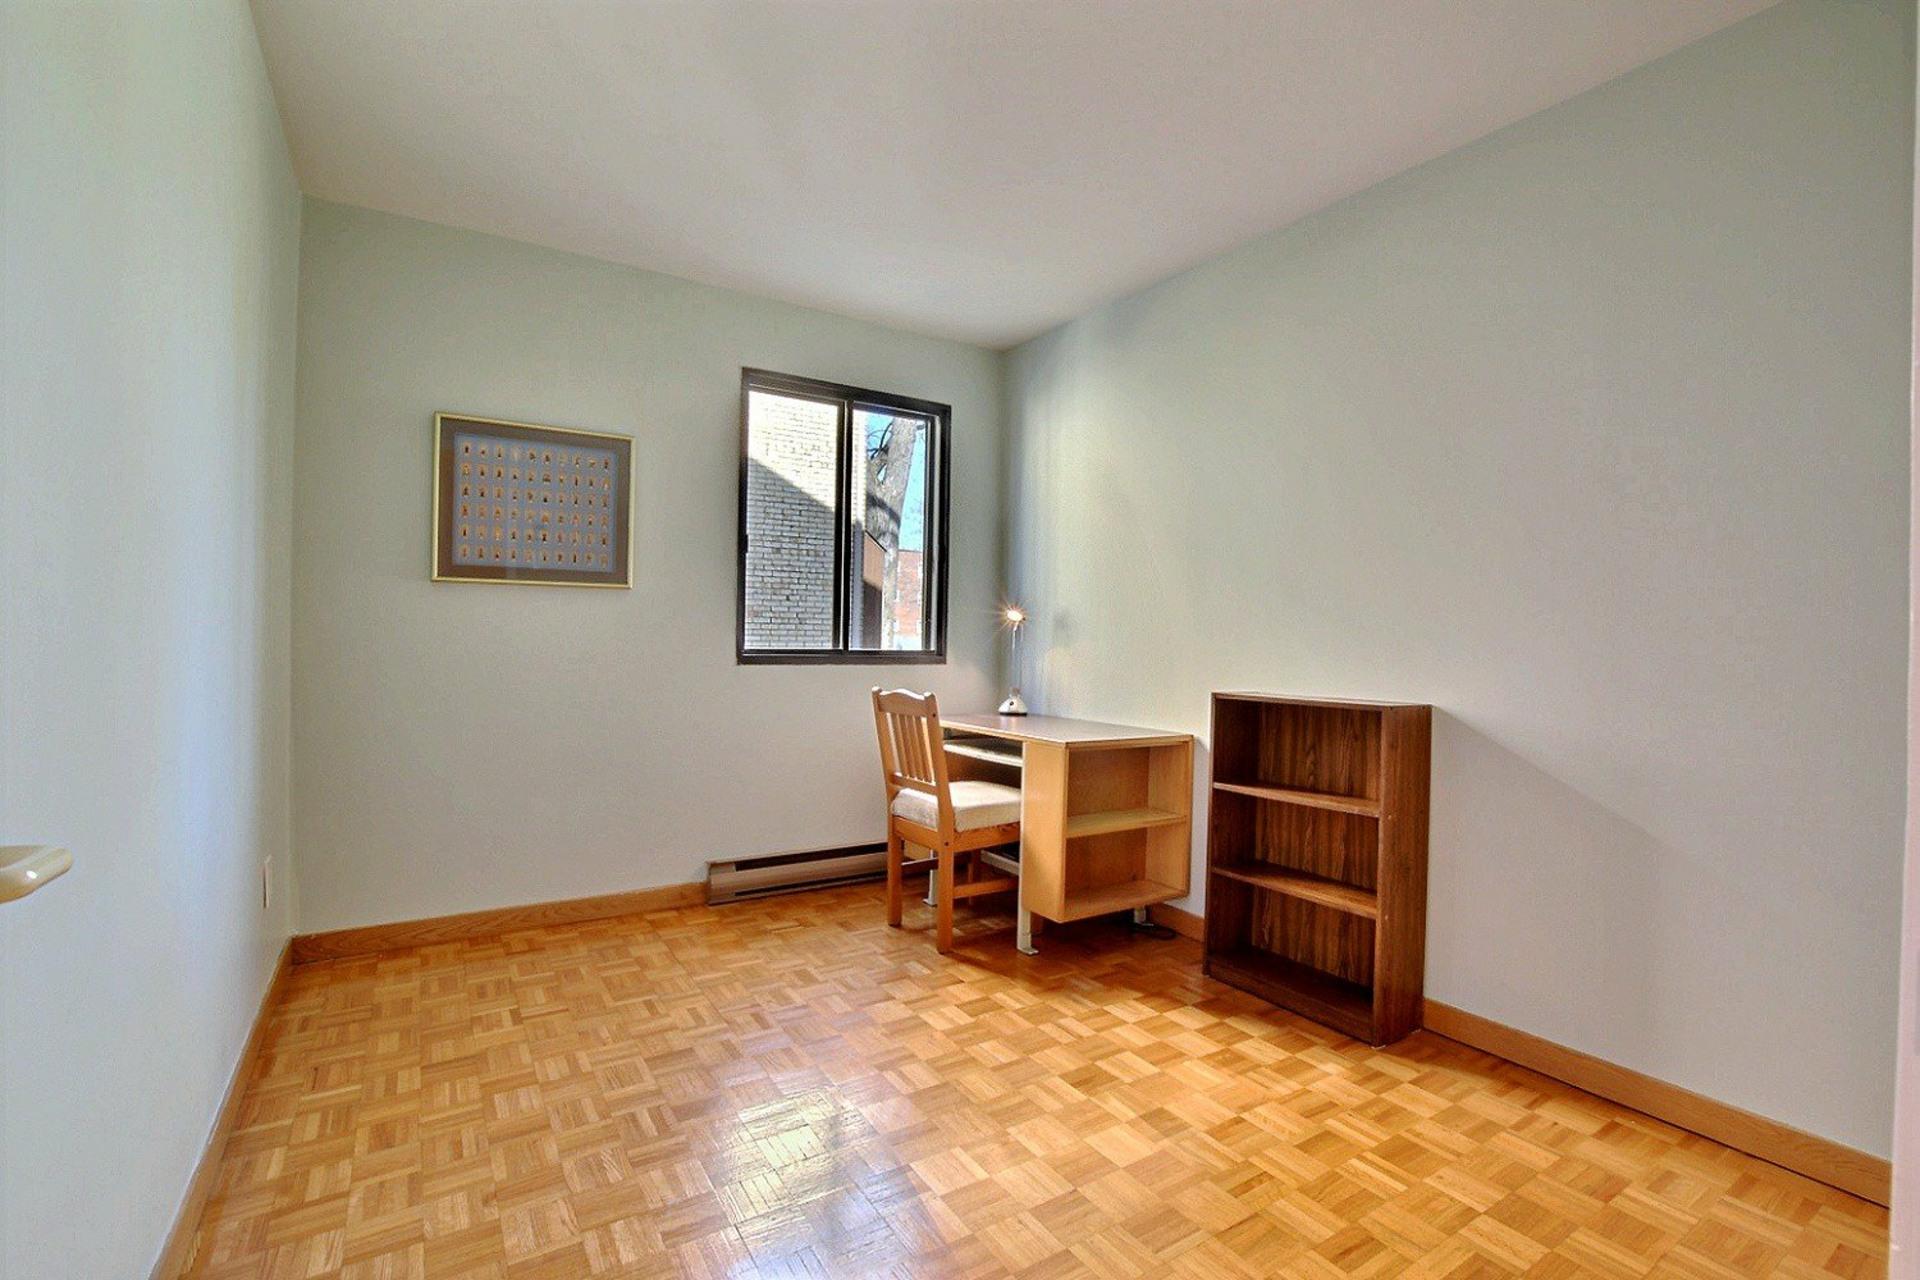 image 11 - Appartement À vendre Montréal Ahuntsic-Cartierville  - 7 pièces